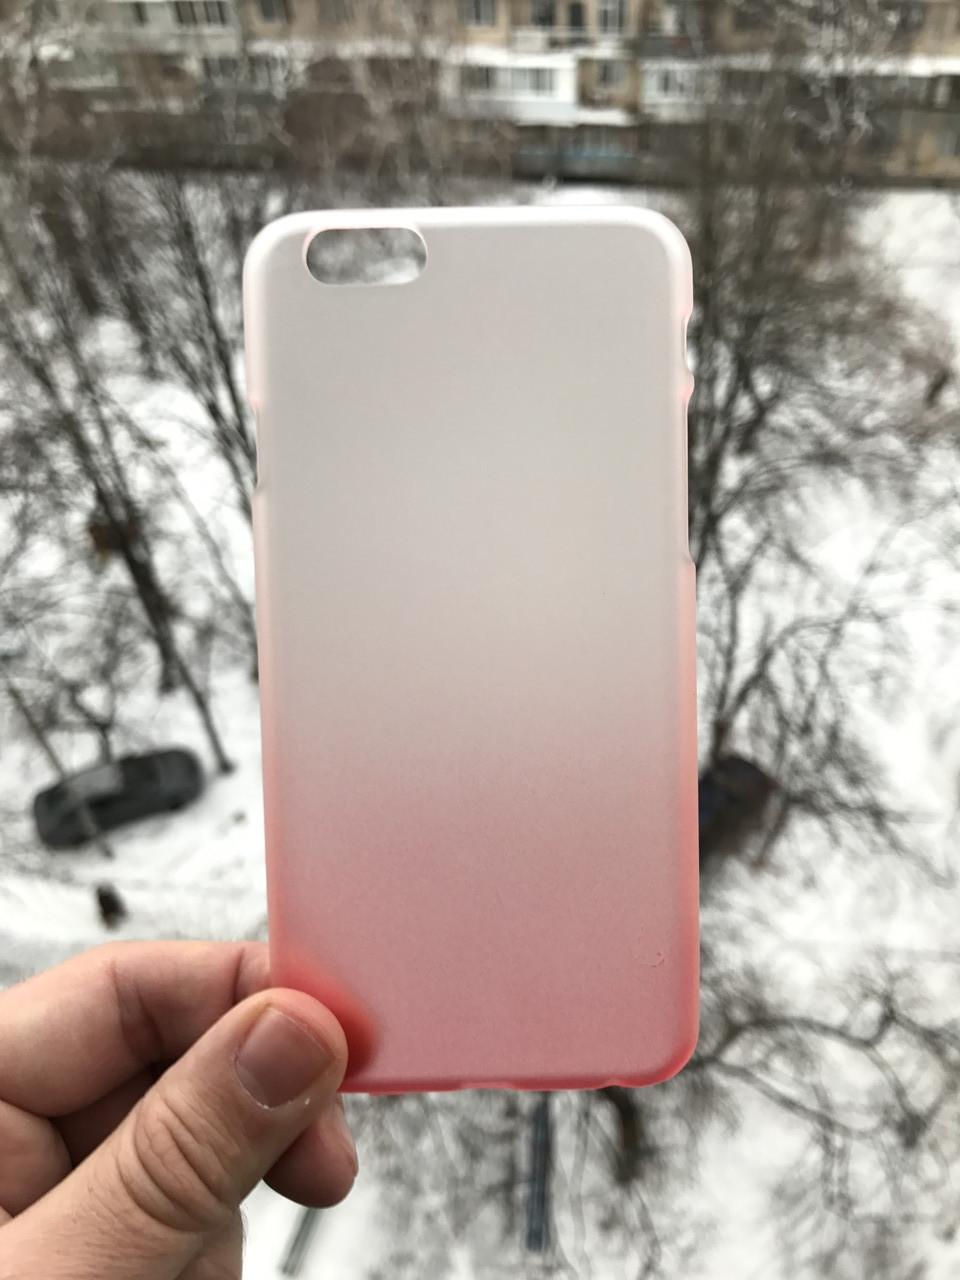 Чехол бело-красный iphone 6/6s plus + защитное стекло на экран в подарок